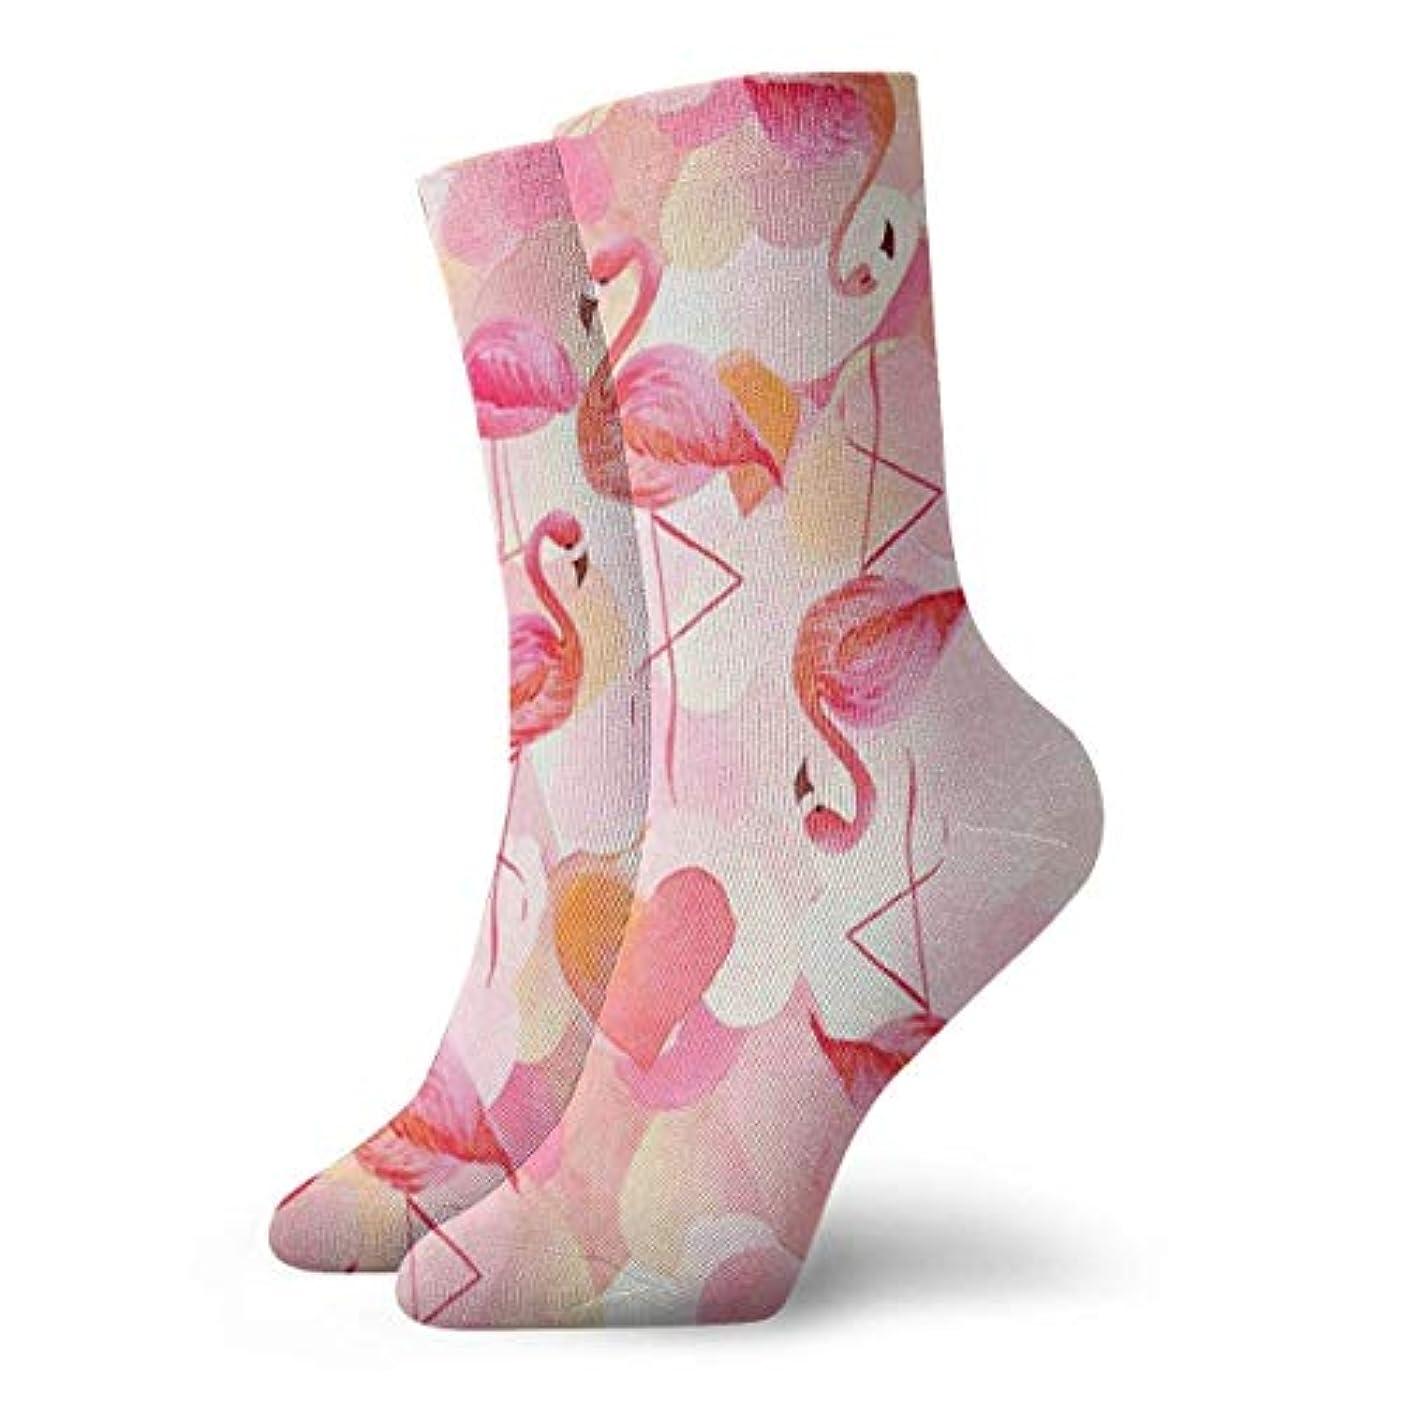 憤るアイザック情熱クリスマススリックソックスヴィンテージソックスヴィンテージ靴下女性冬